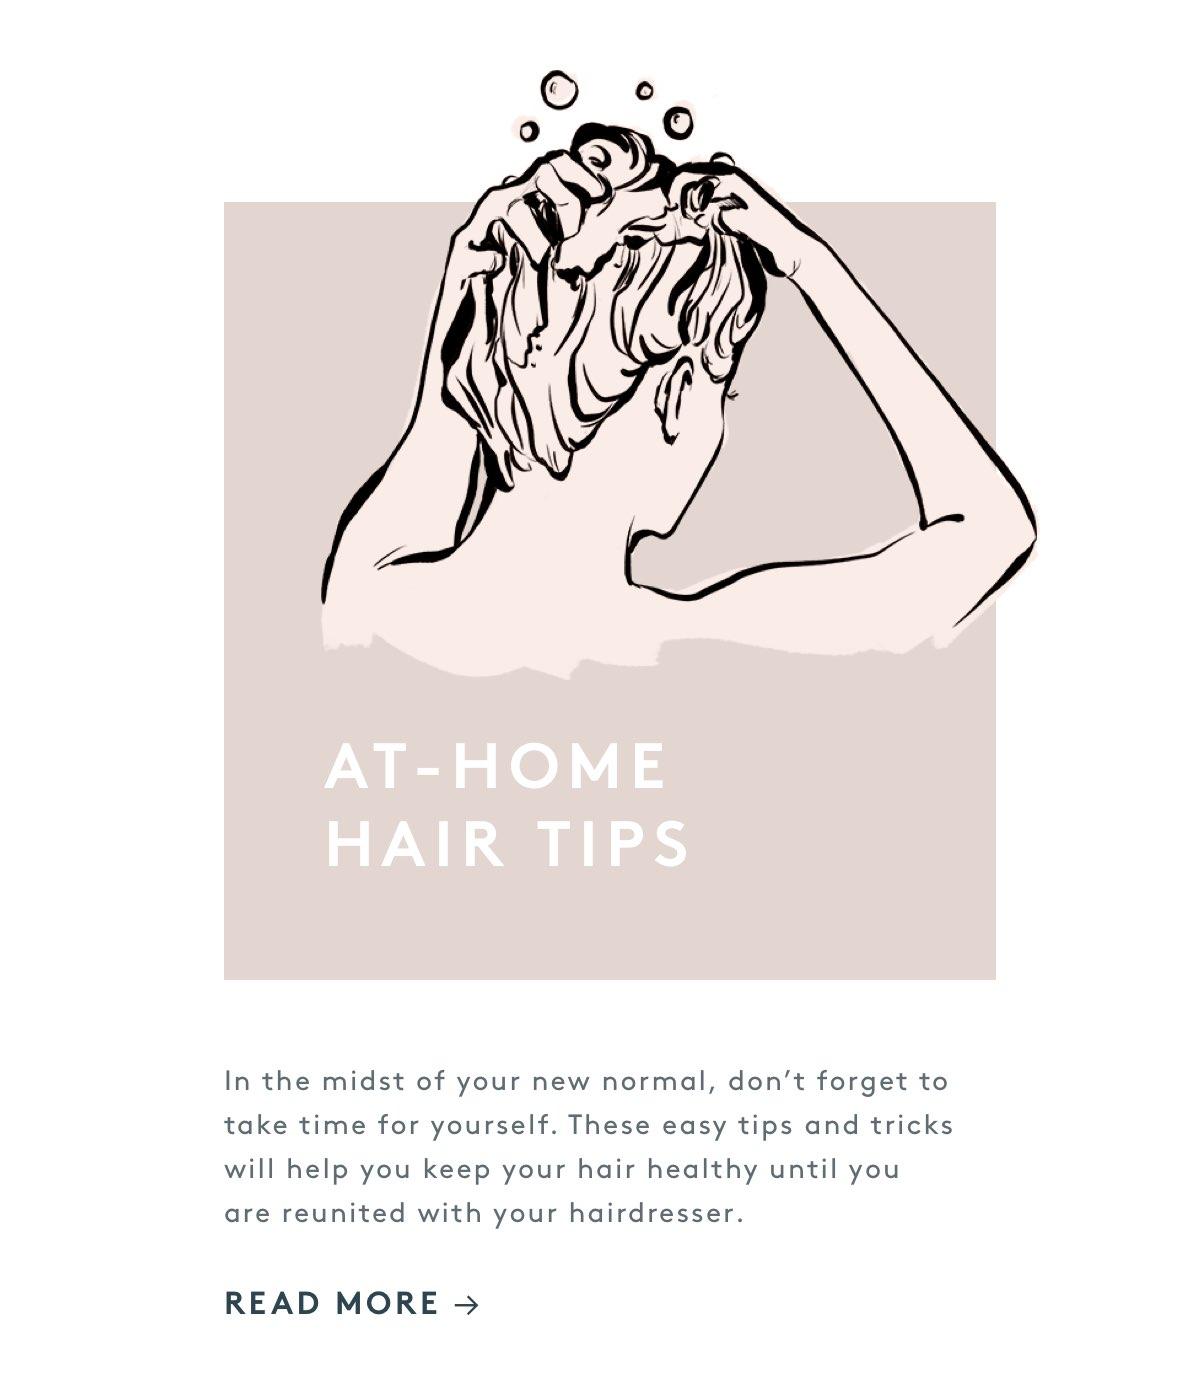 At-Home Hair Tips